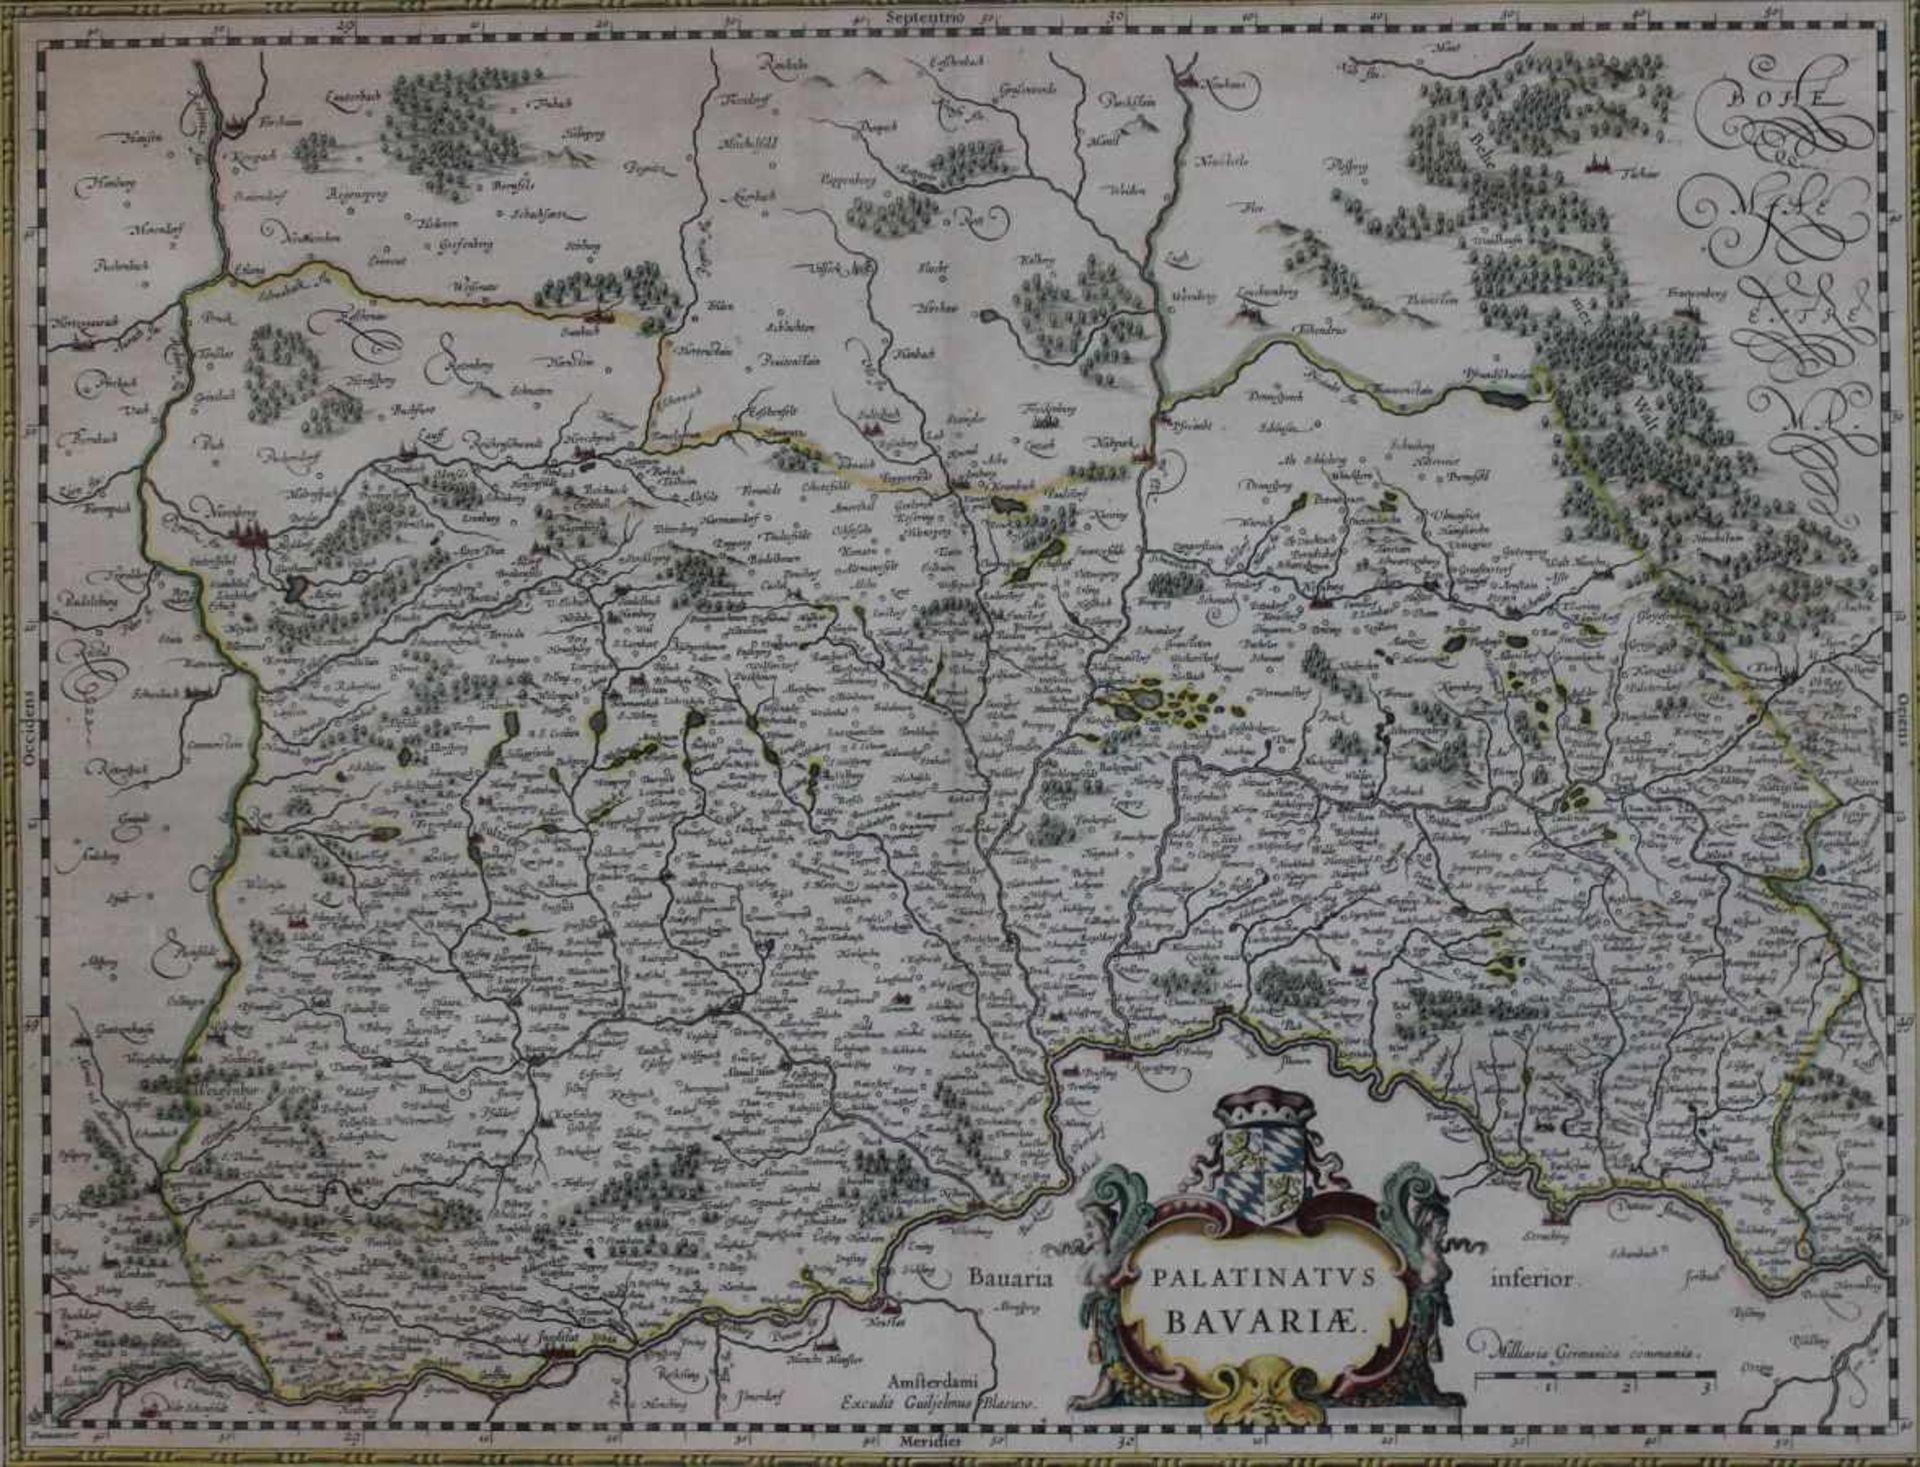 """Kupferstich - Willem Blaeu (1571 Alkmaar - 1638 Amsterdam) """"Palatinatus Bavariae - Bayern/"""